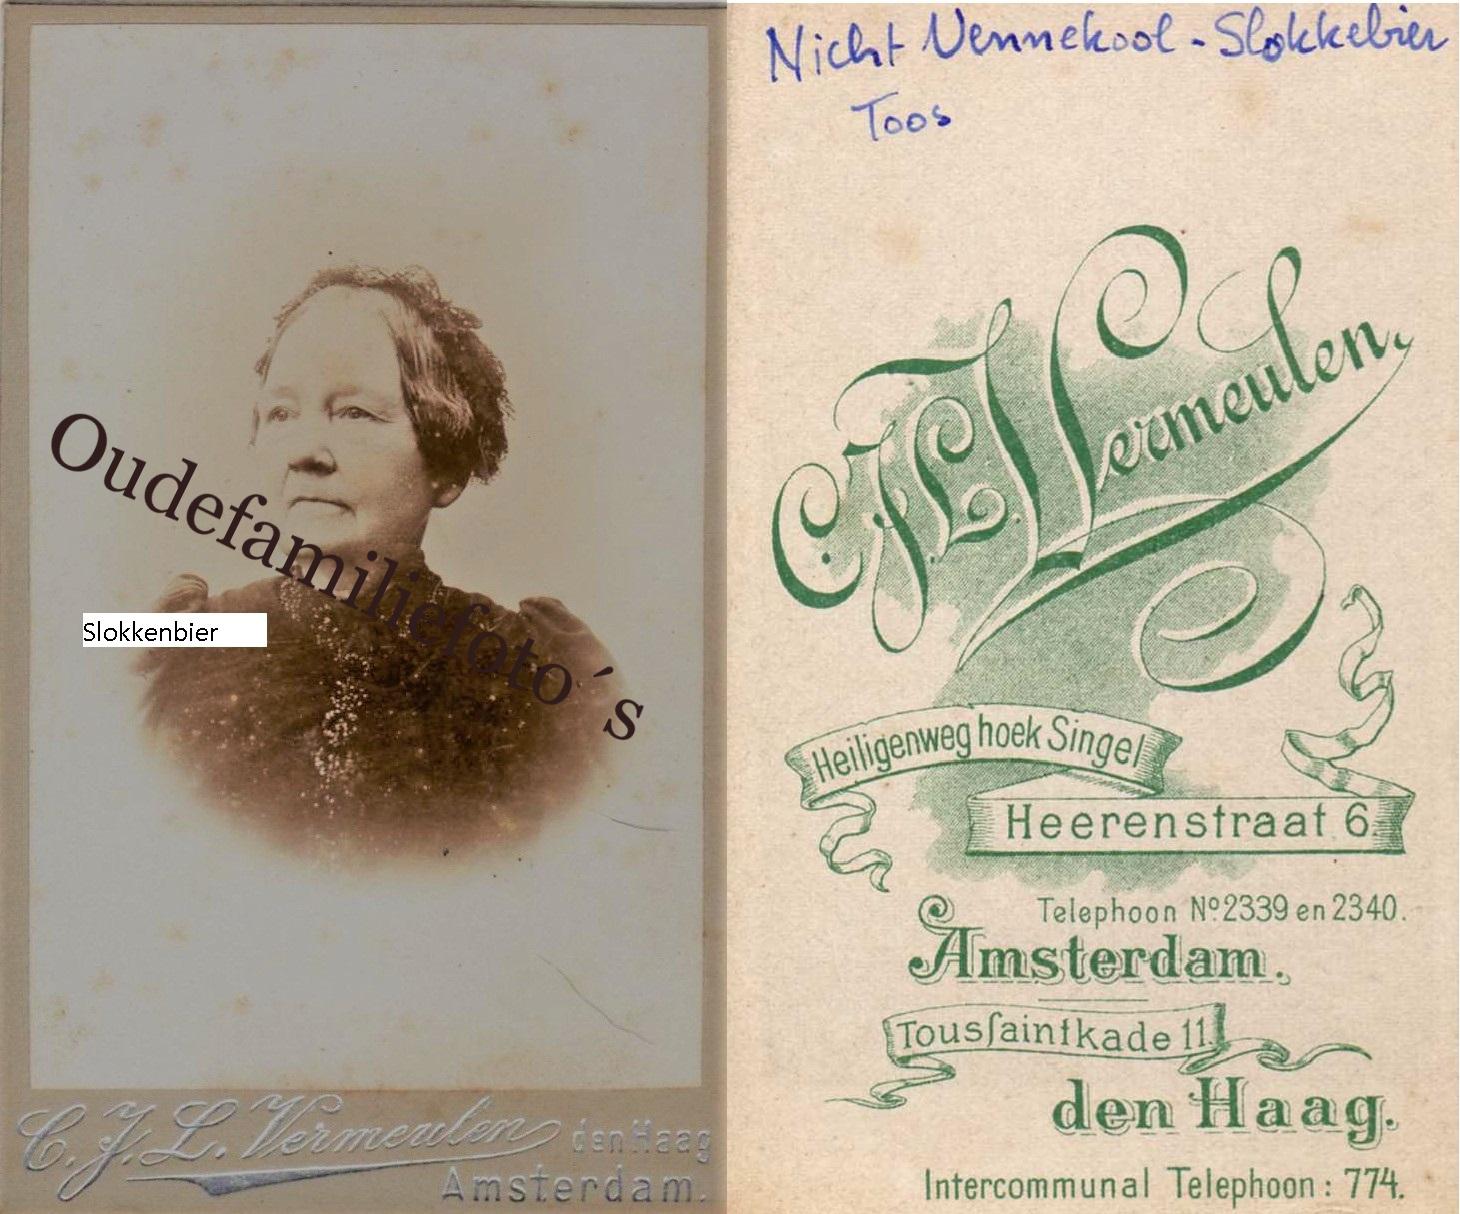 Slokkenbier, Johanna Catharina Anhonia ( Toos) Geb. 21-5-1824 Amsterdam. Ovl: 10-10-1913 Getrouwd 12-5-1870 met Adam Vennekool € 3,00